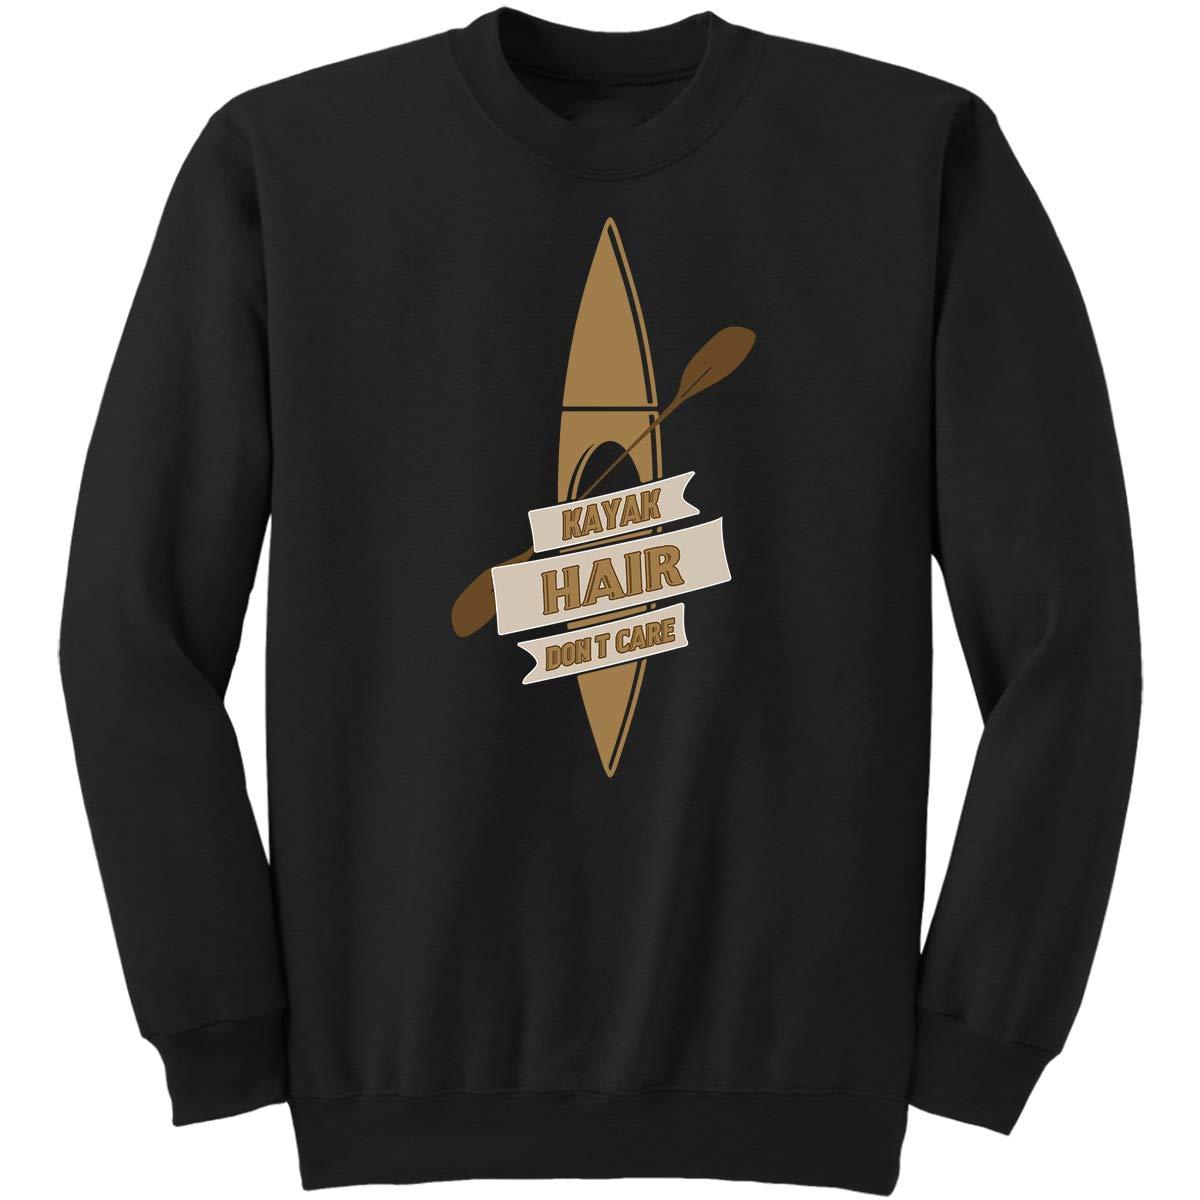 DoozyGifts99 Kayak Hair Dont Care-Gag Gift Kayak Sweatshirt